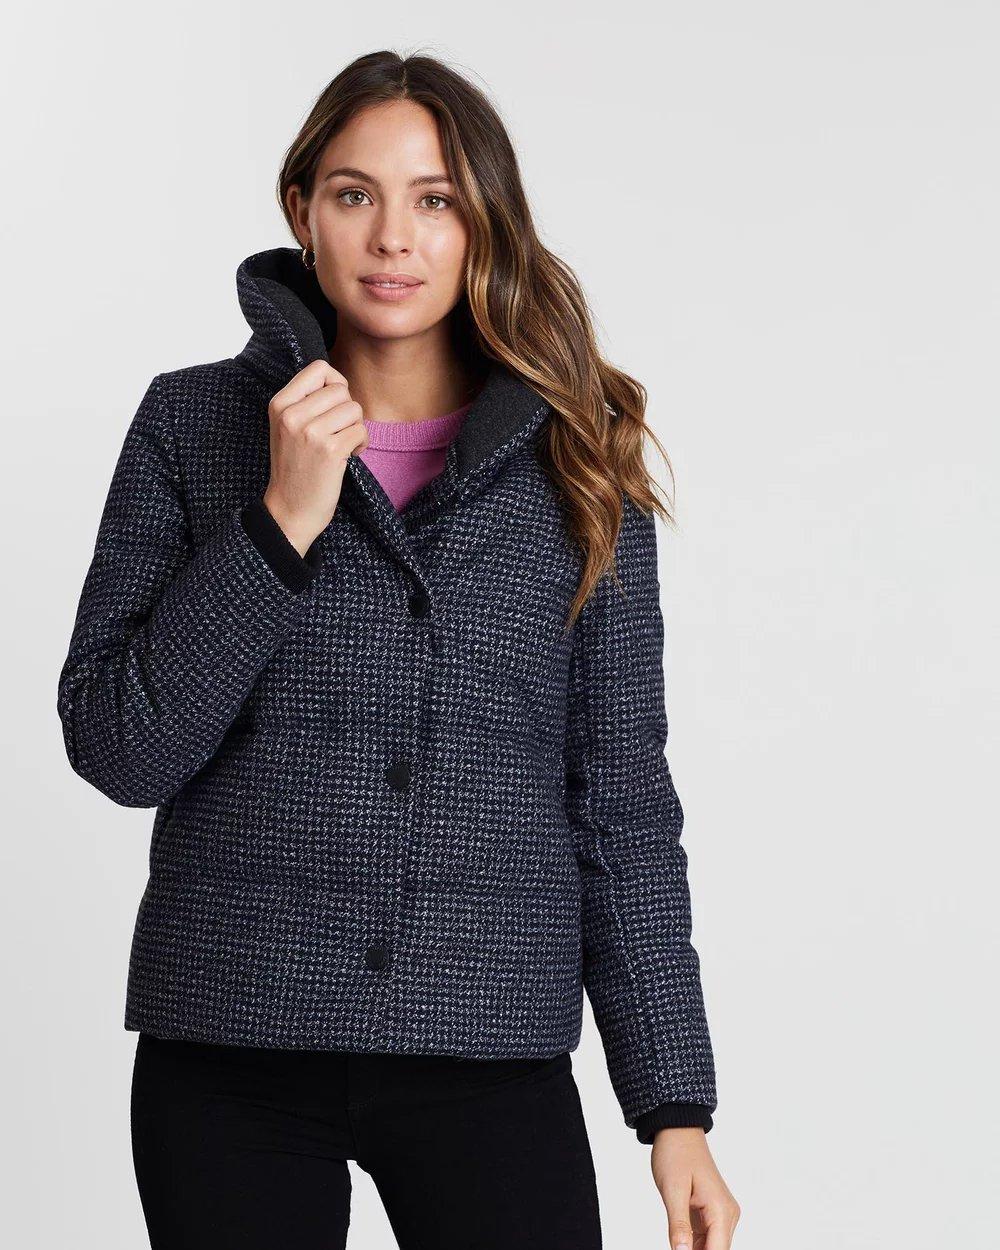 1aeae95554f Идеи! Модных курток осень-зима 2019 2020 женские 110 фото новинки